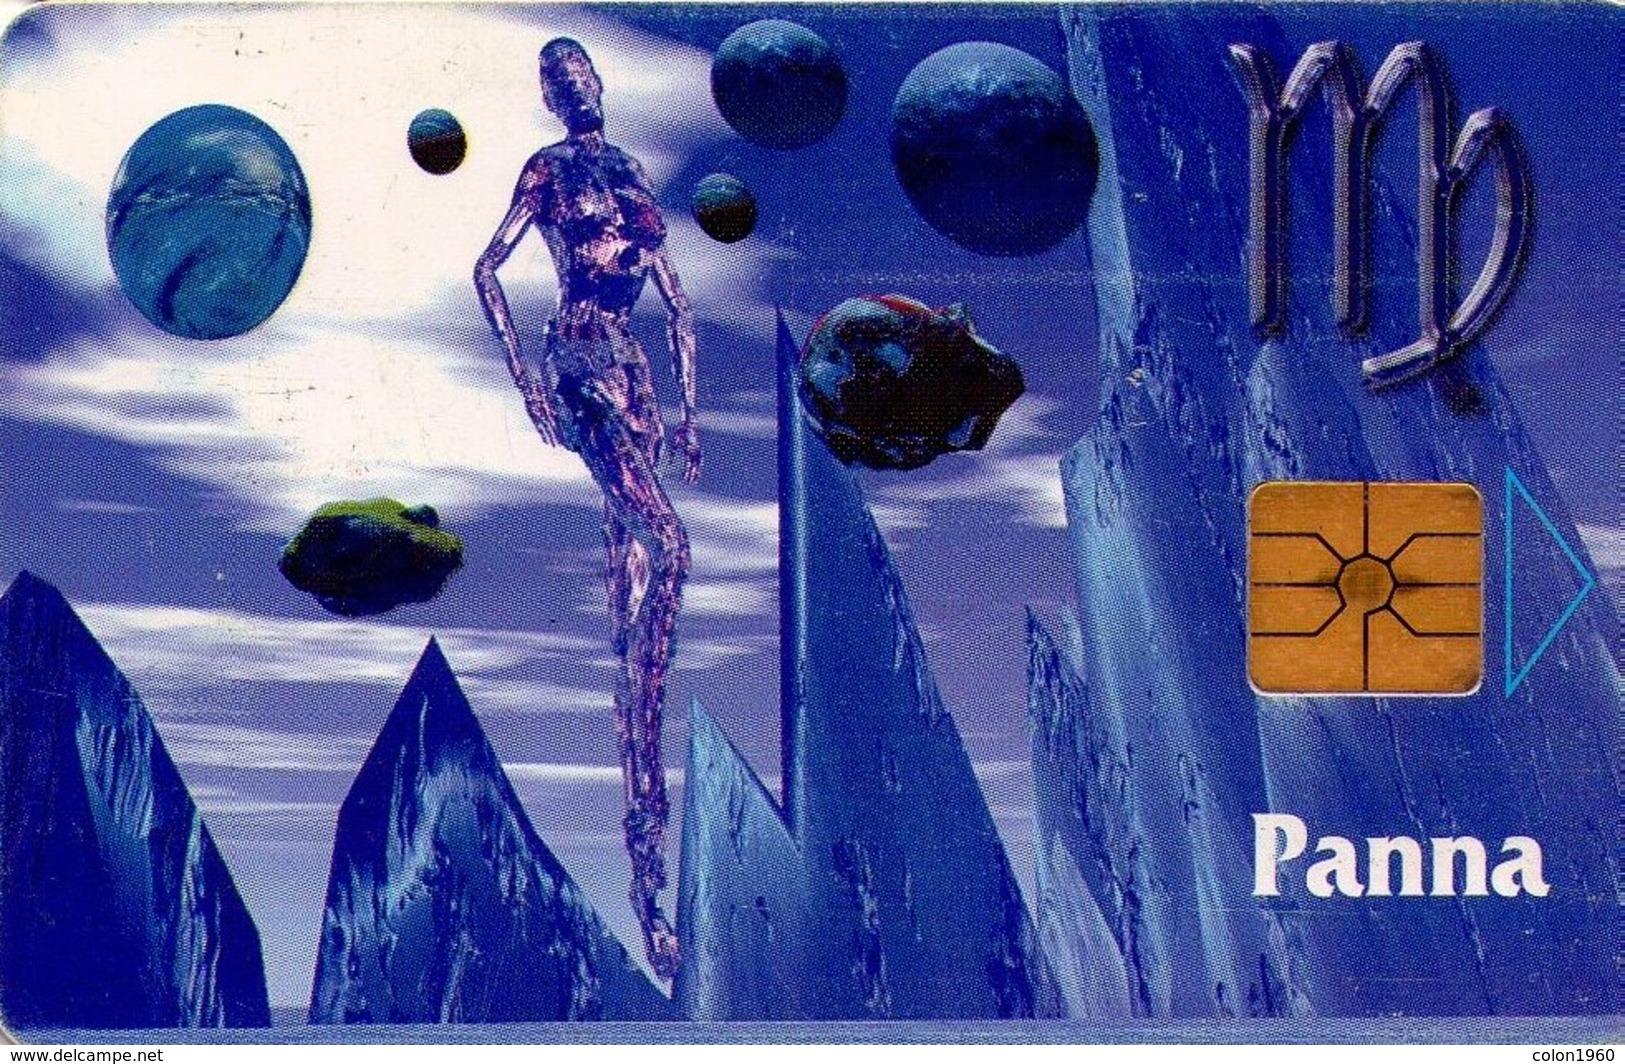 REPUBLICA CHECA. Zodiac - Panna (Virgo). C242A, 37/08.98. (020) - Zodiaco